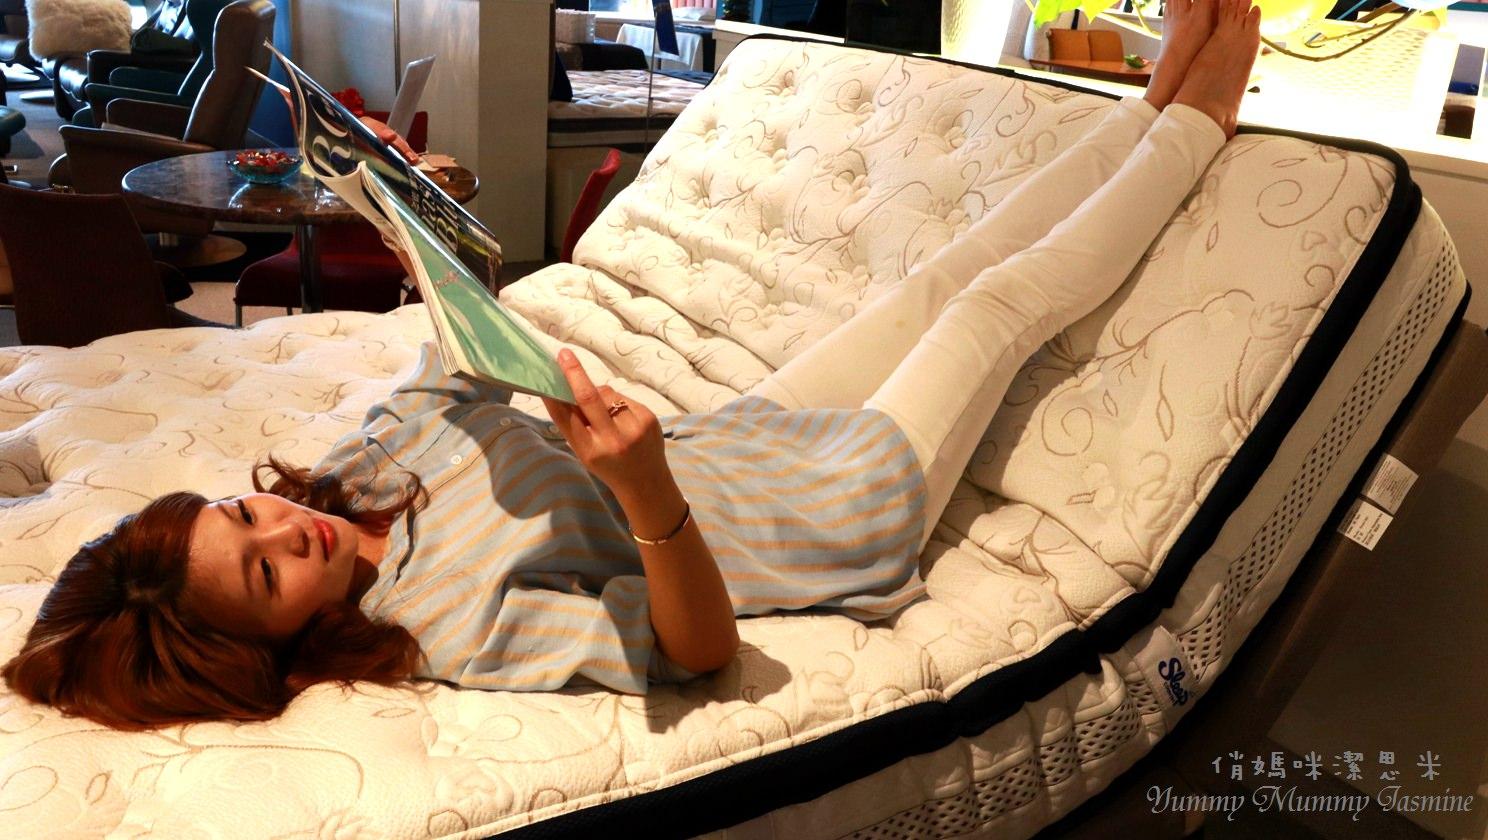 把睡眠當成人生大事,找個陪伴你好好睡覺的名床❤2018睡眠王國。開春首波特賣!!!席夢思名床兩萬有找X旋風再起~4/4(三)~4/9(一) 全台限時搶購,僅有六天!